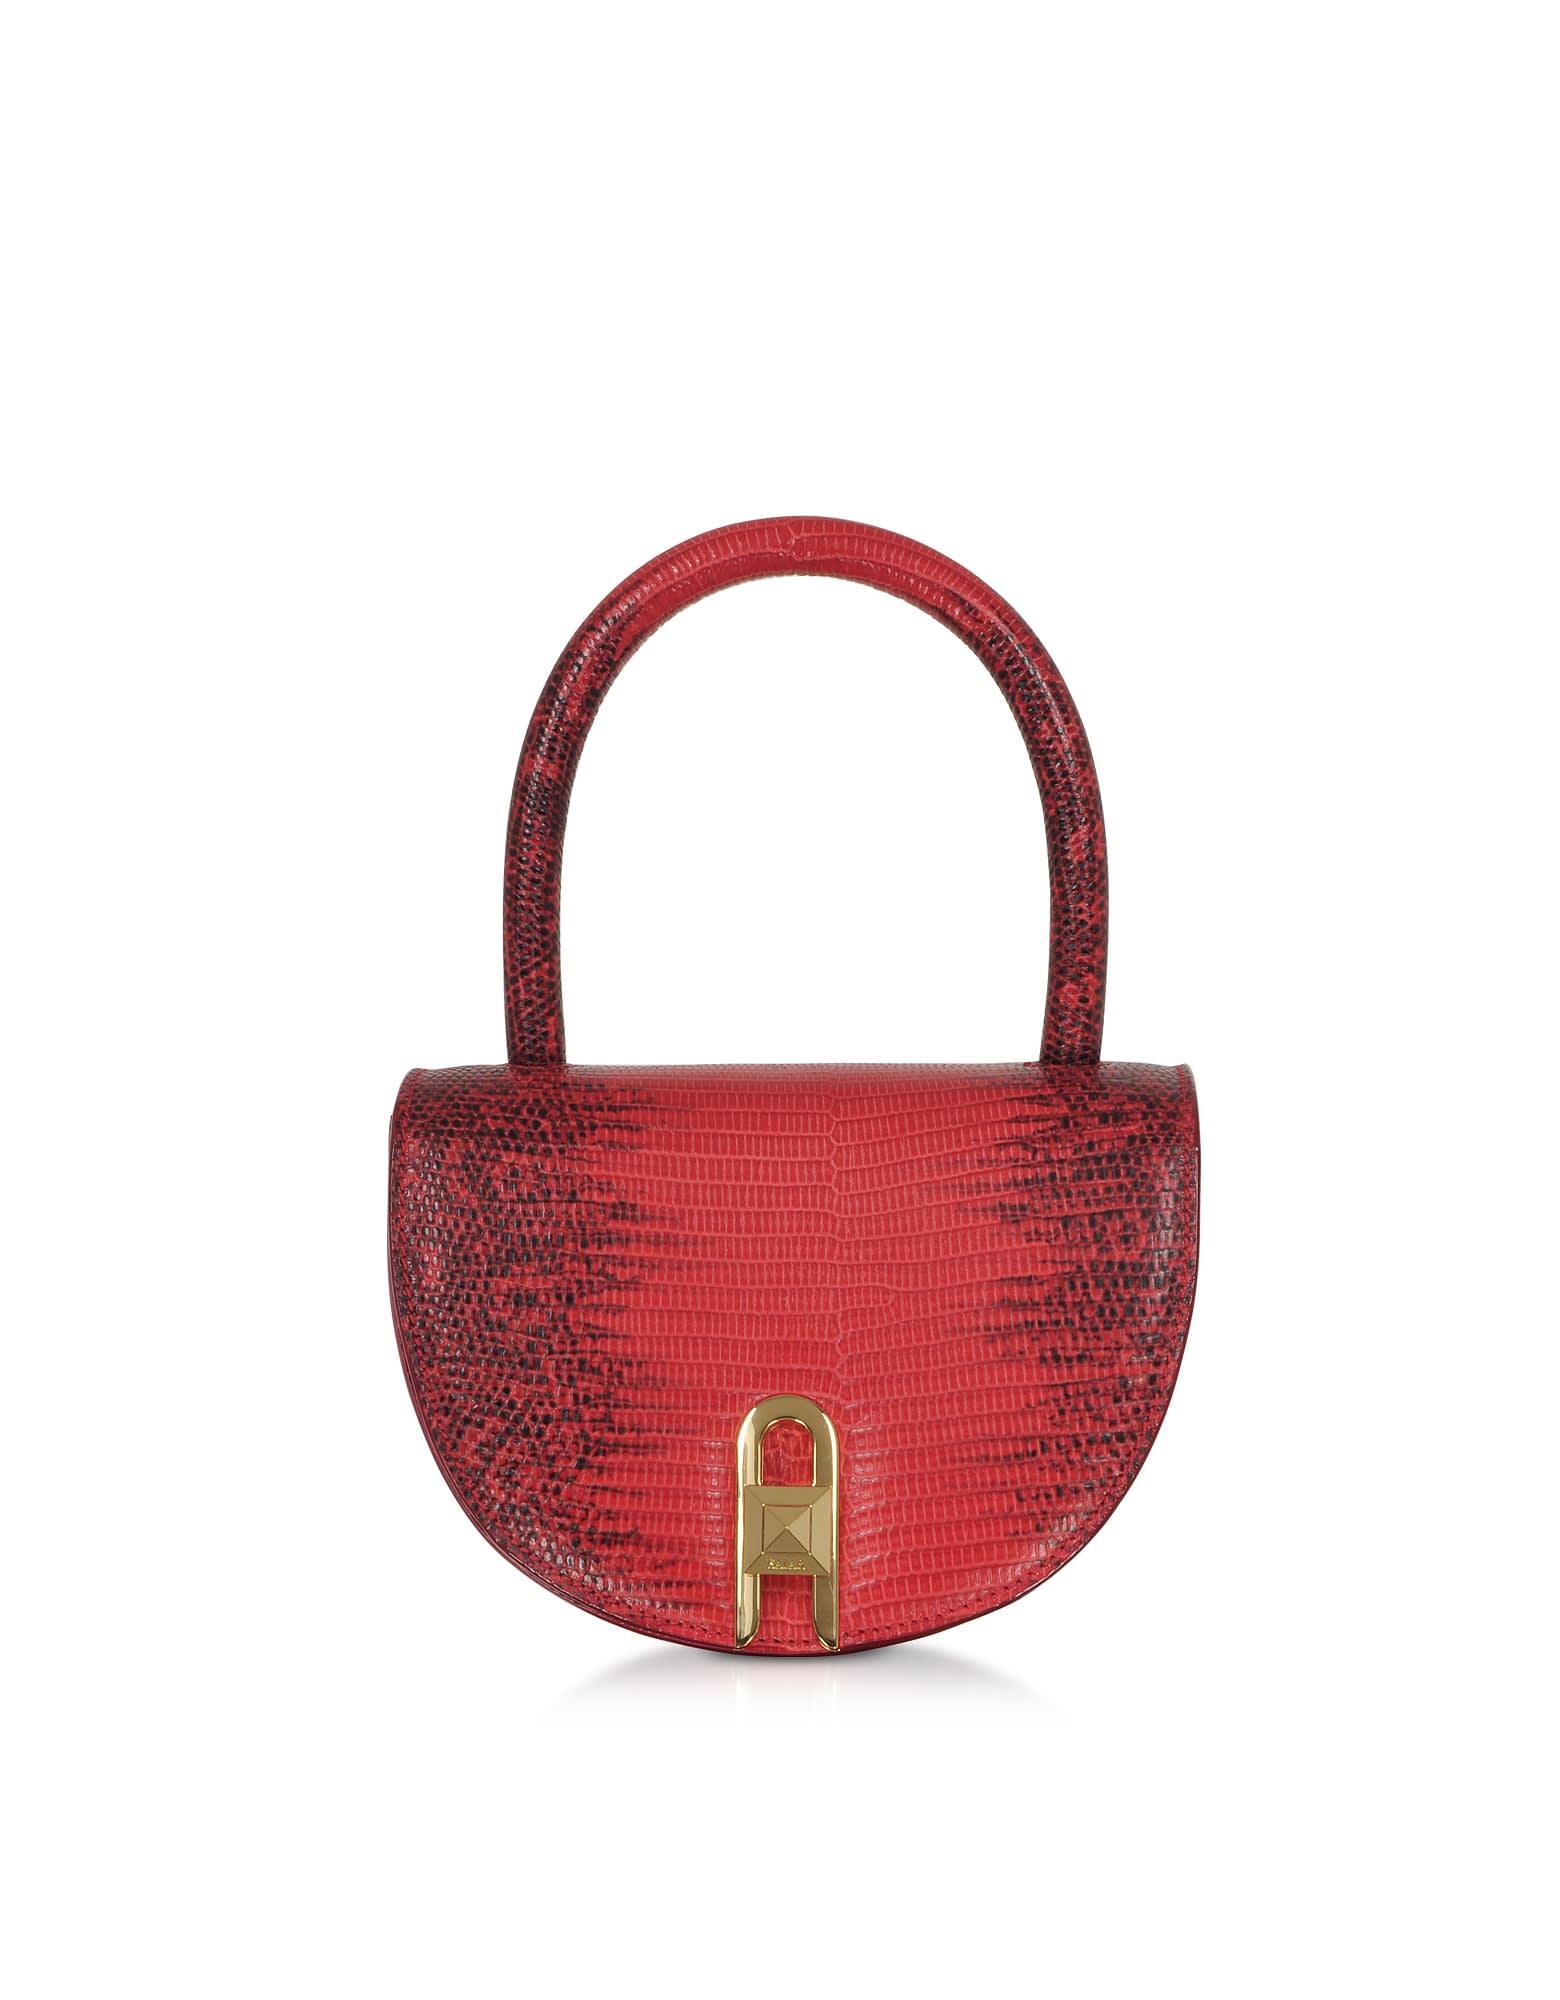 Salar Winnie Lizard Cherry Embossed Leather Top Handle Bag